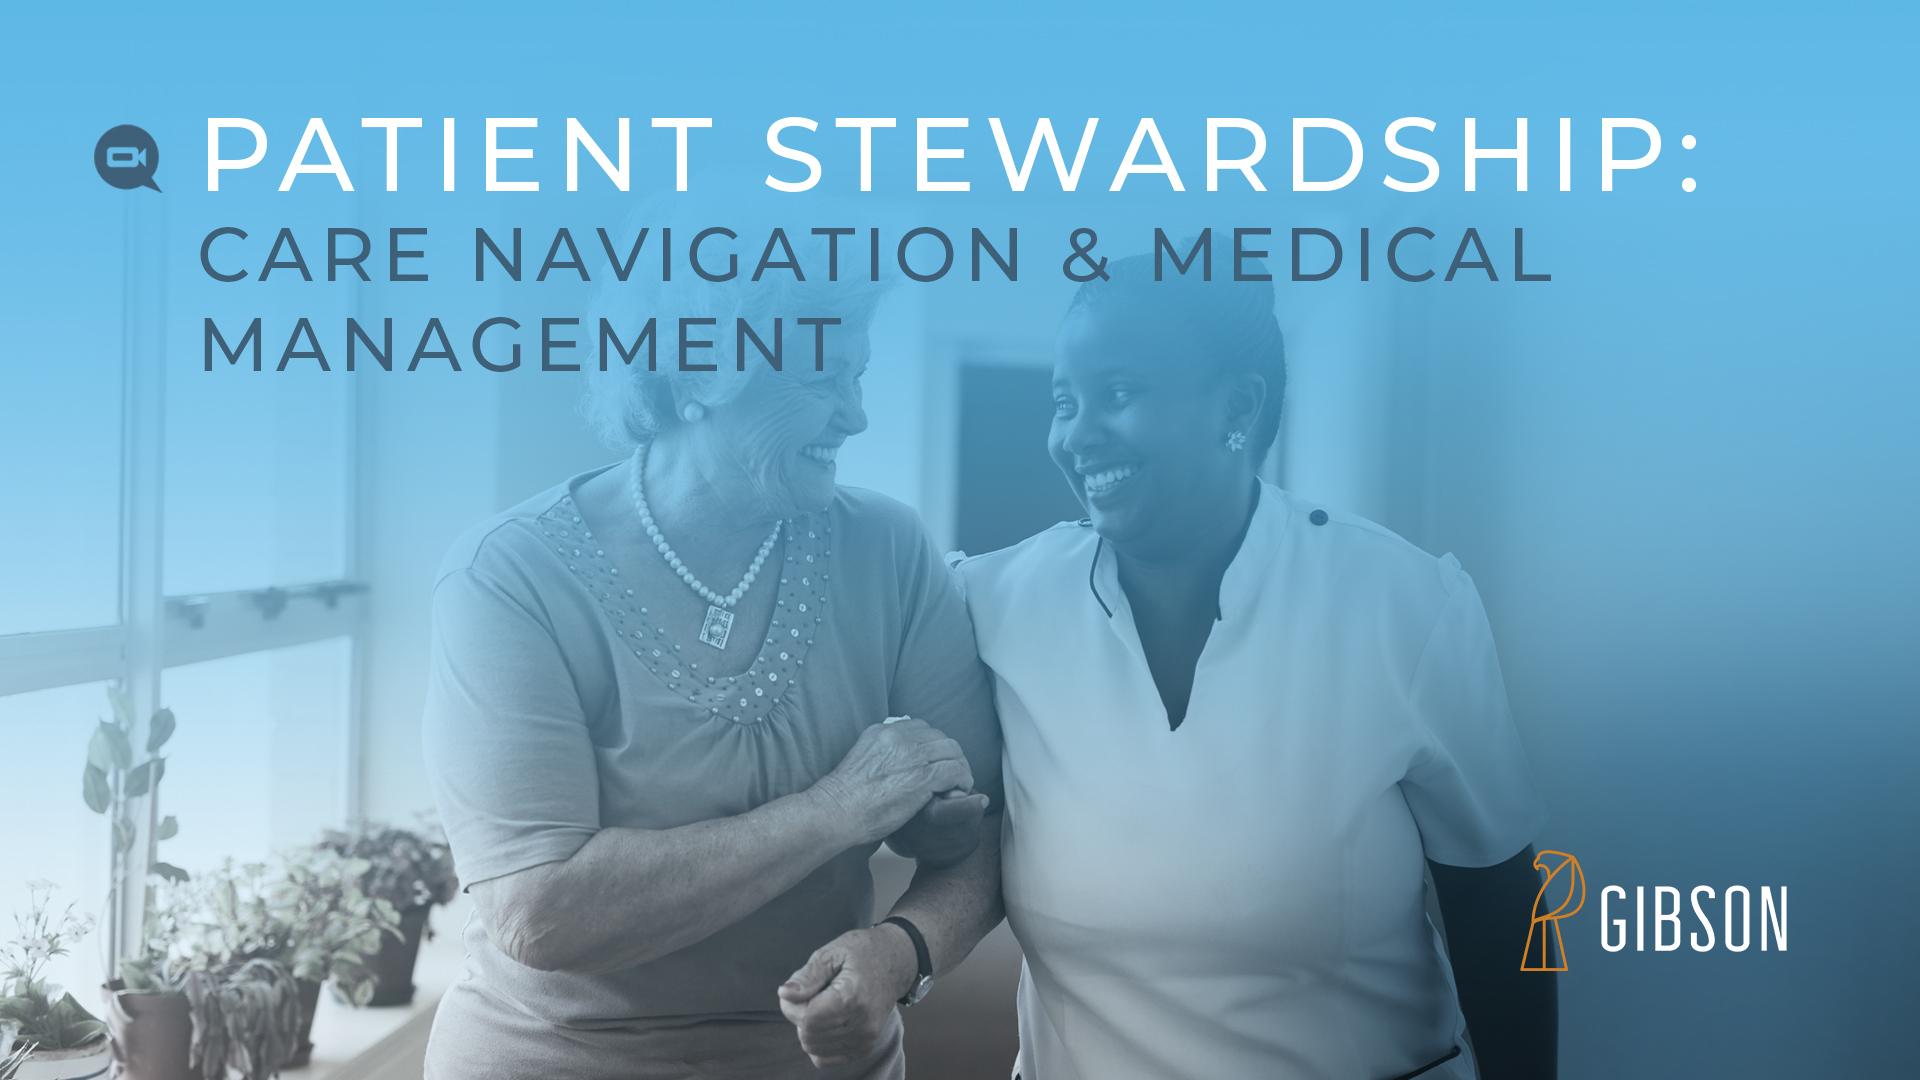 Patient Stewardship